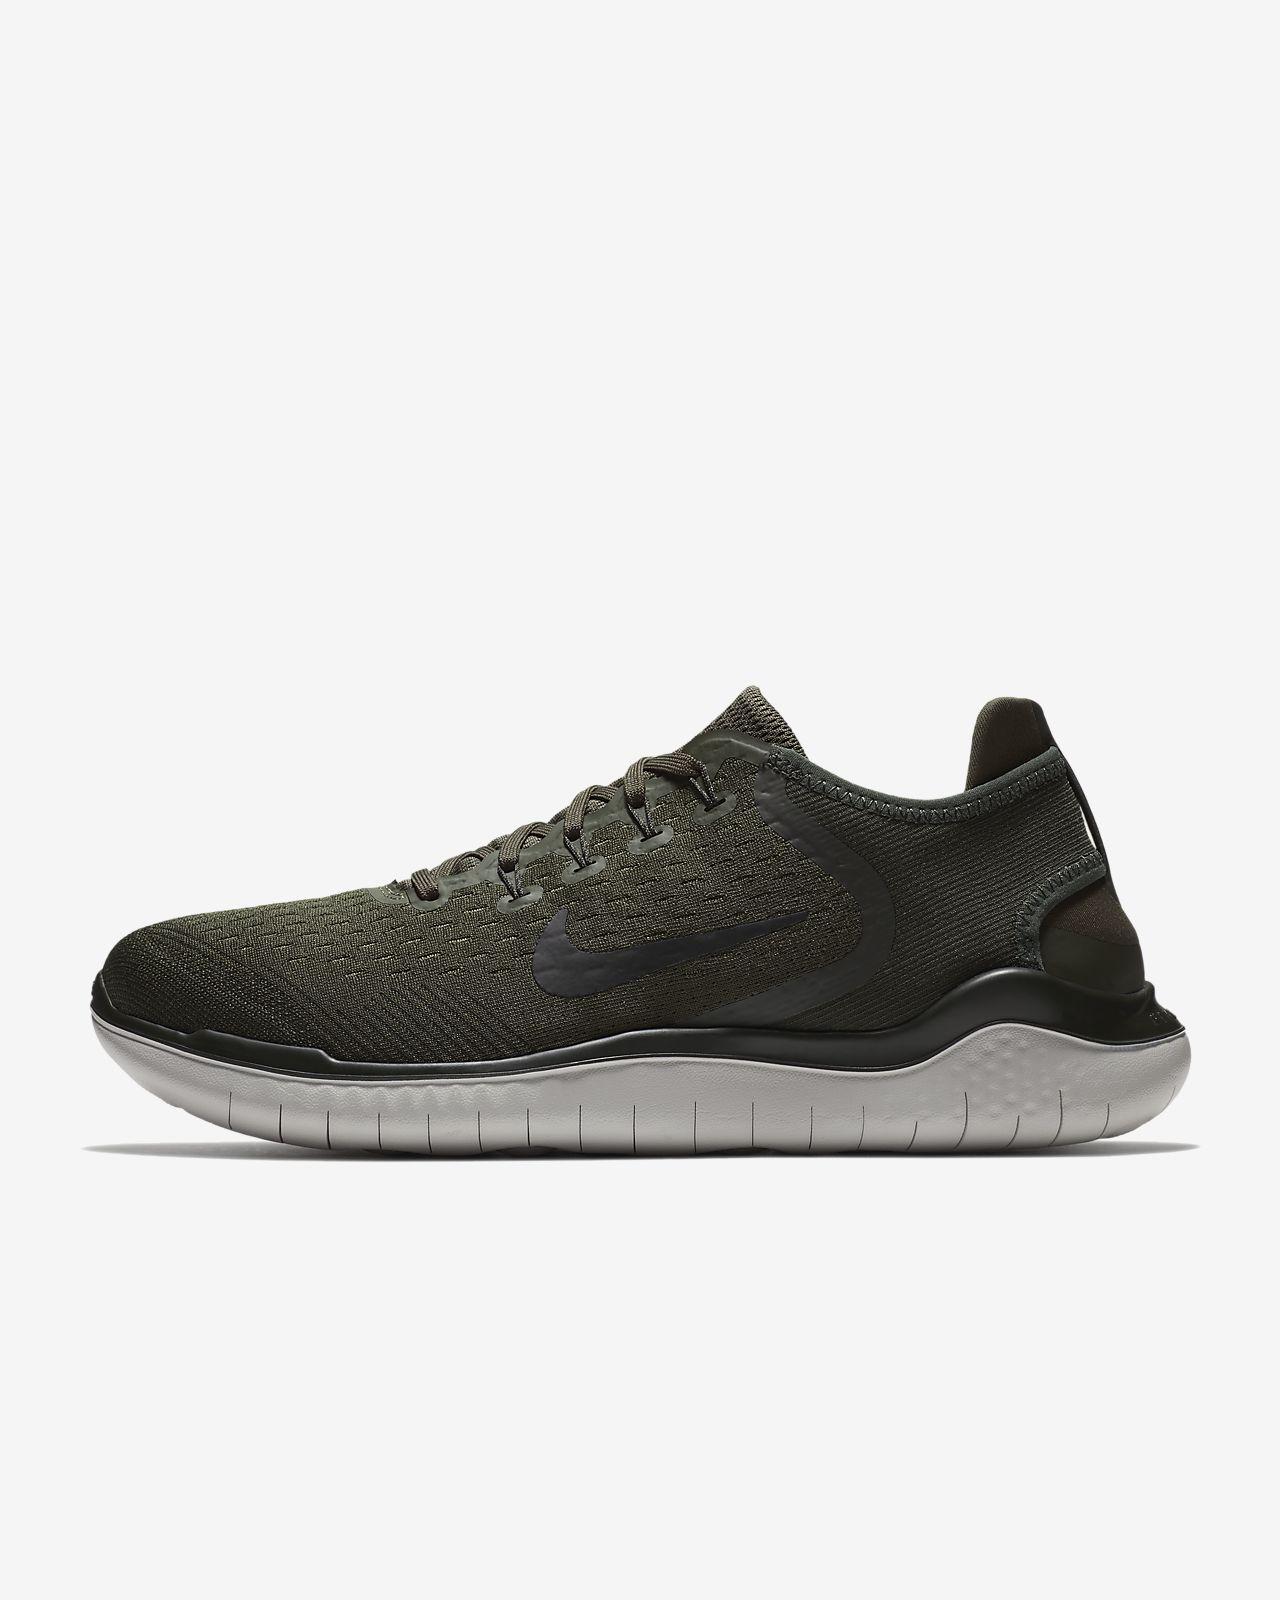 Pánská běžecká bota Nike Free RN 2018. Nike.com CZ 8a2819b1e3